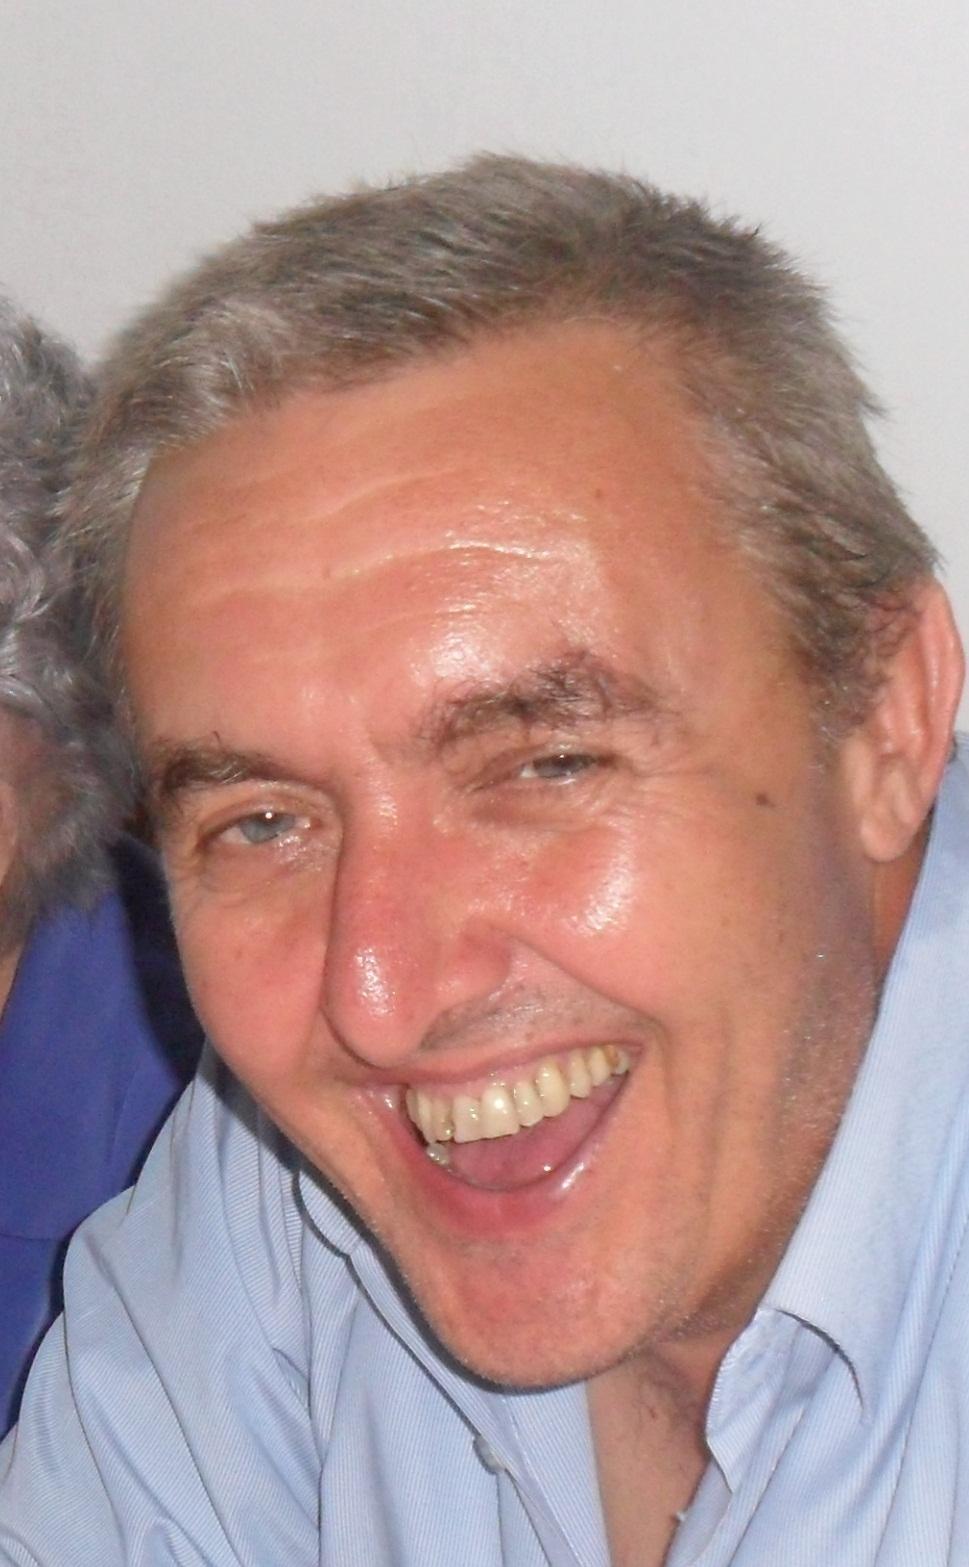 Cortonese scomparso da giorni: i familiari lanciano un appello